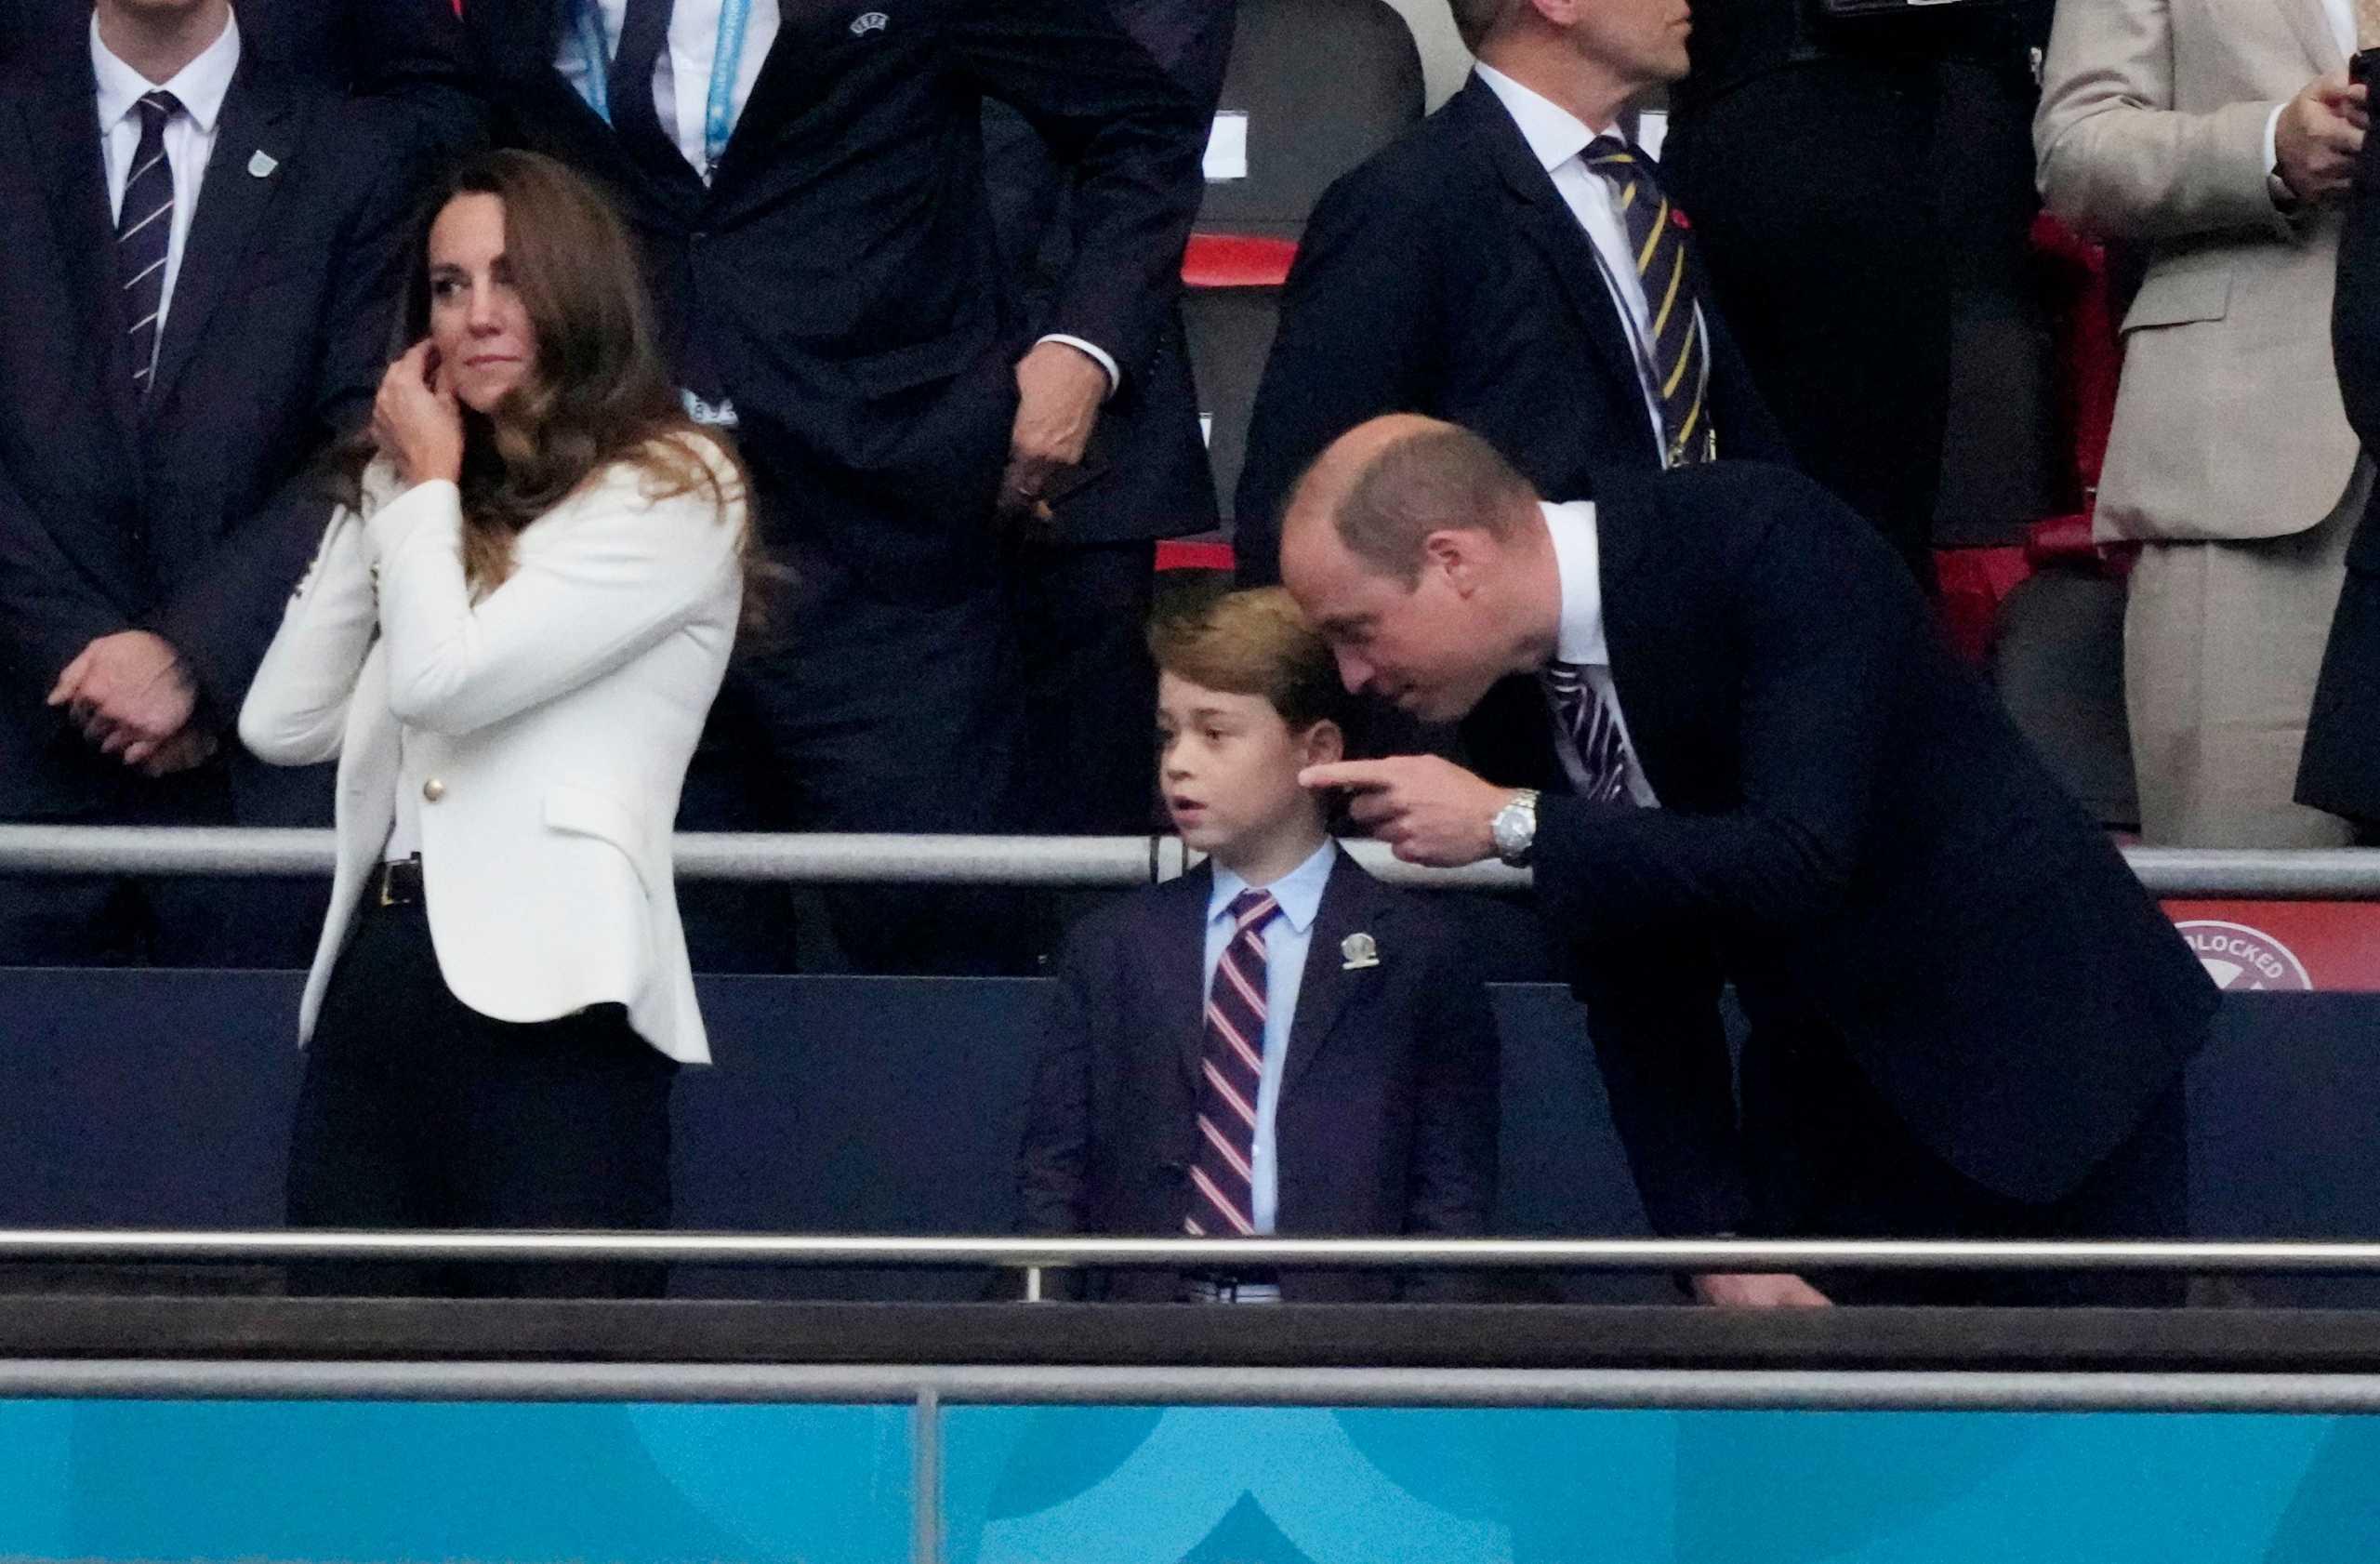 Daily Mail: Έρχεται το τέλος της μοναρχίας στην Βρετανία – «Ο πρίγκιπας Τζορτζ δεν θα στεφθεί βασιλιάς»